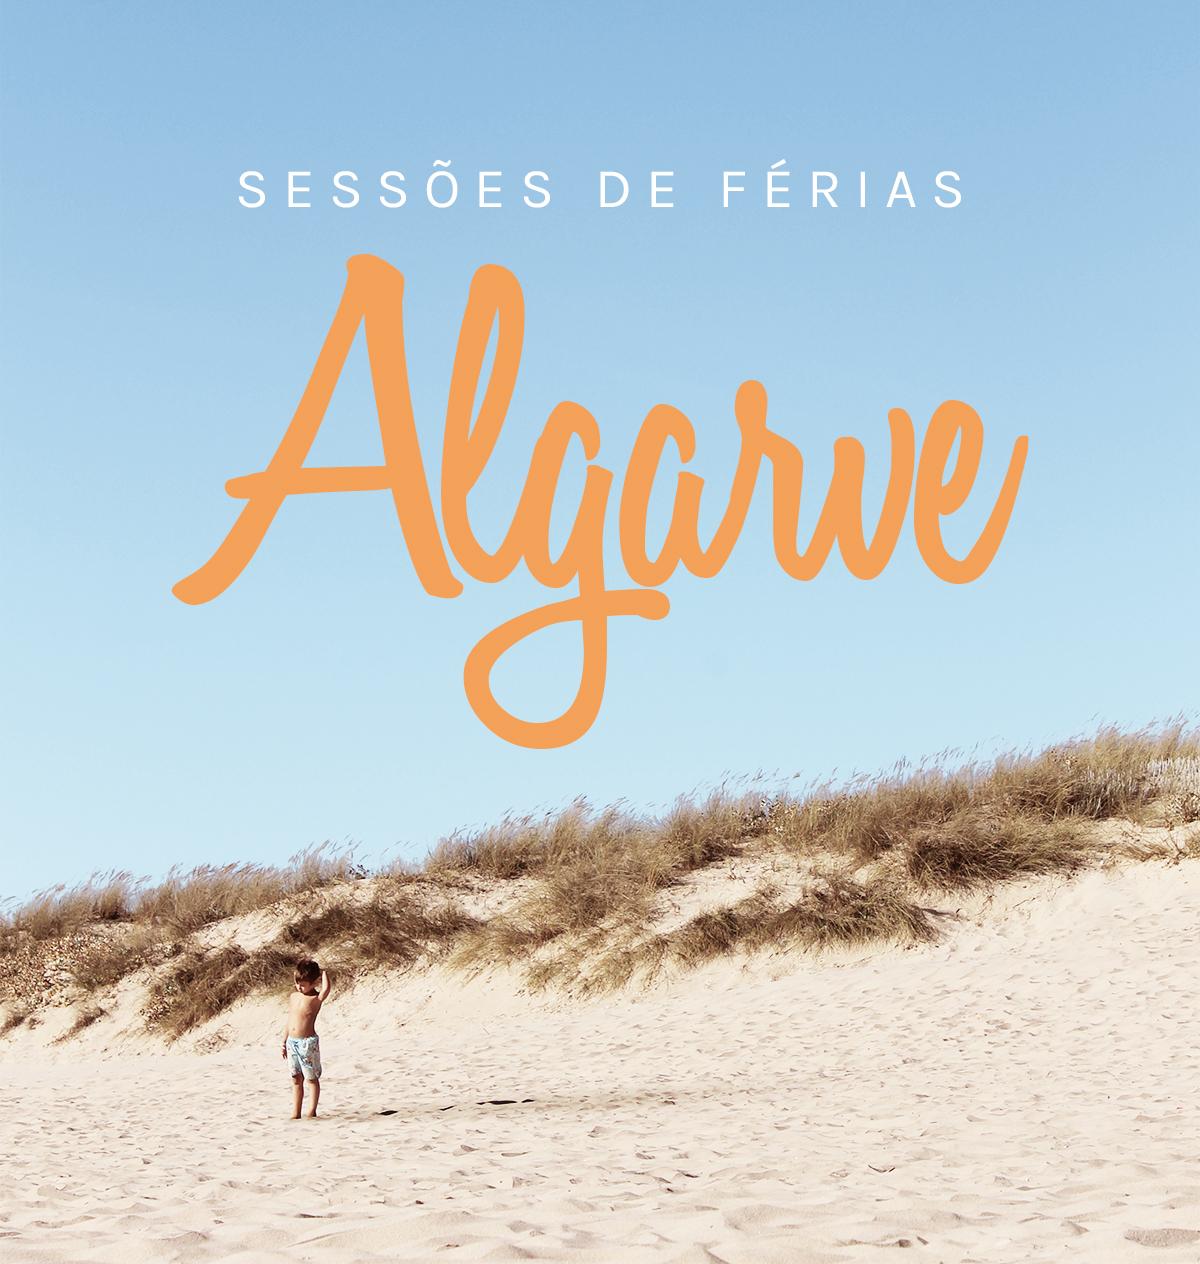 SessoesFerias_Algarve16